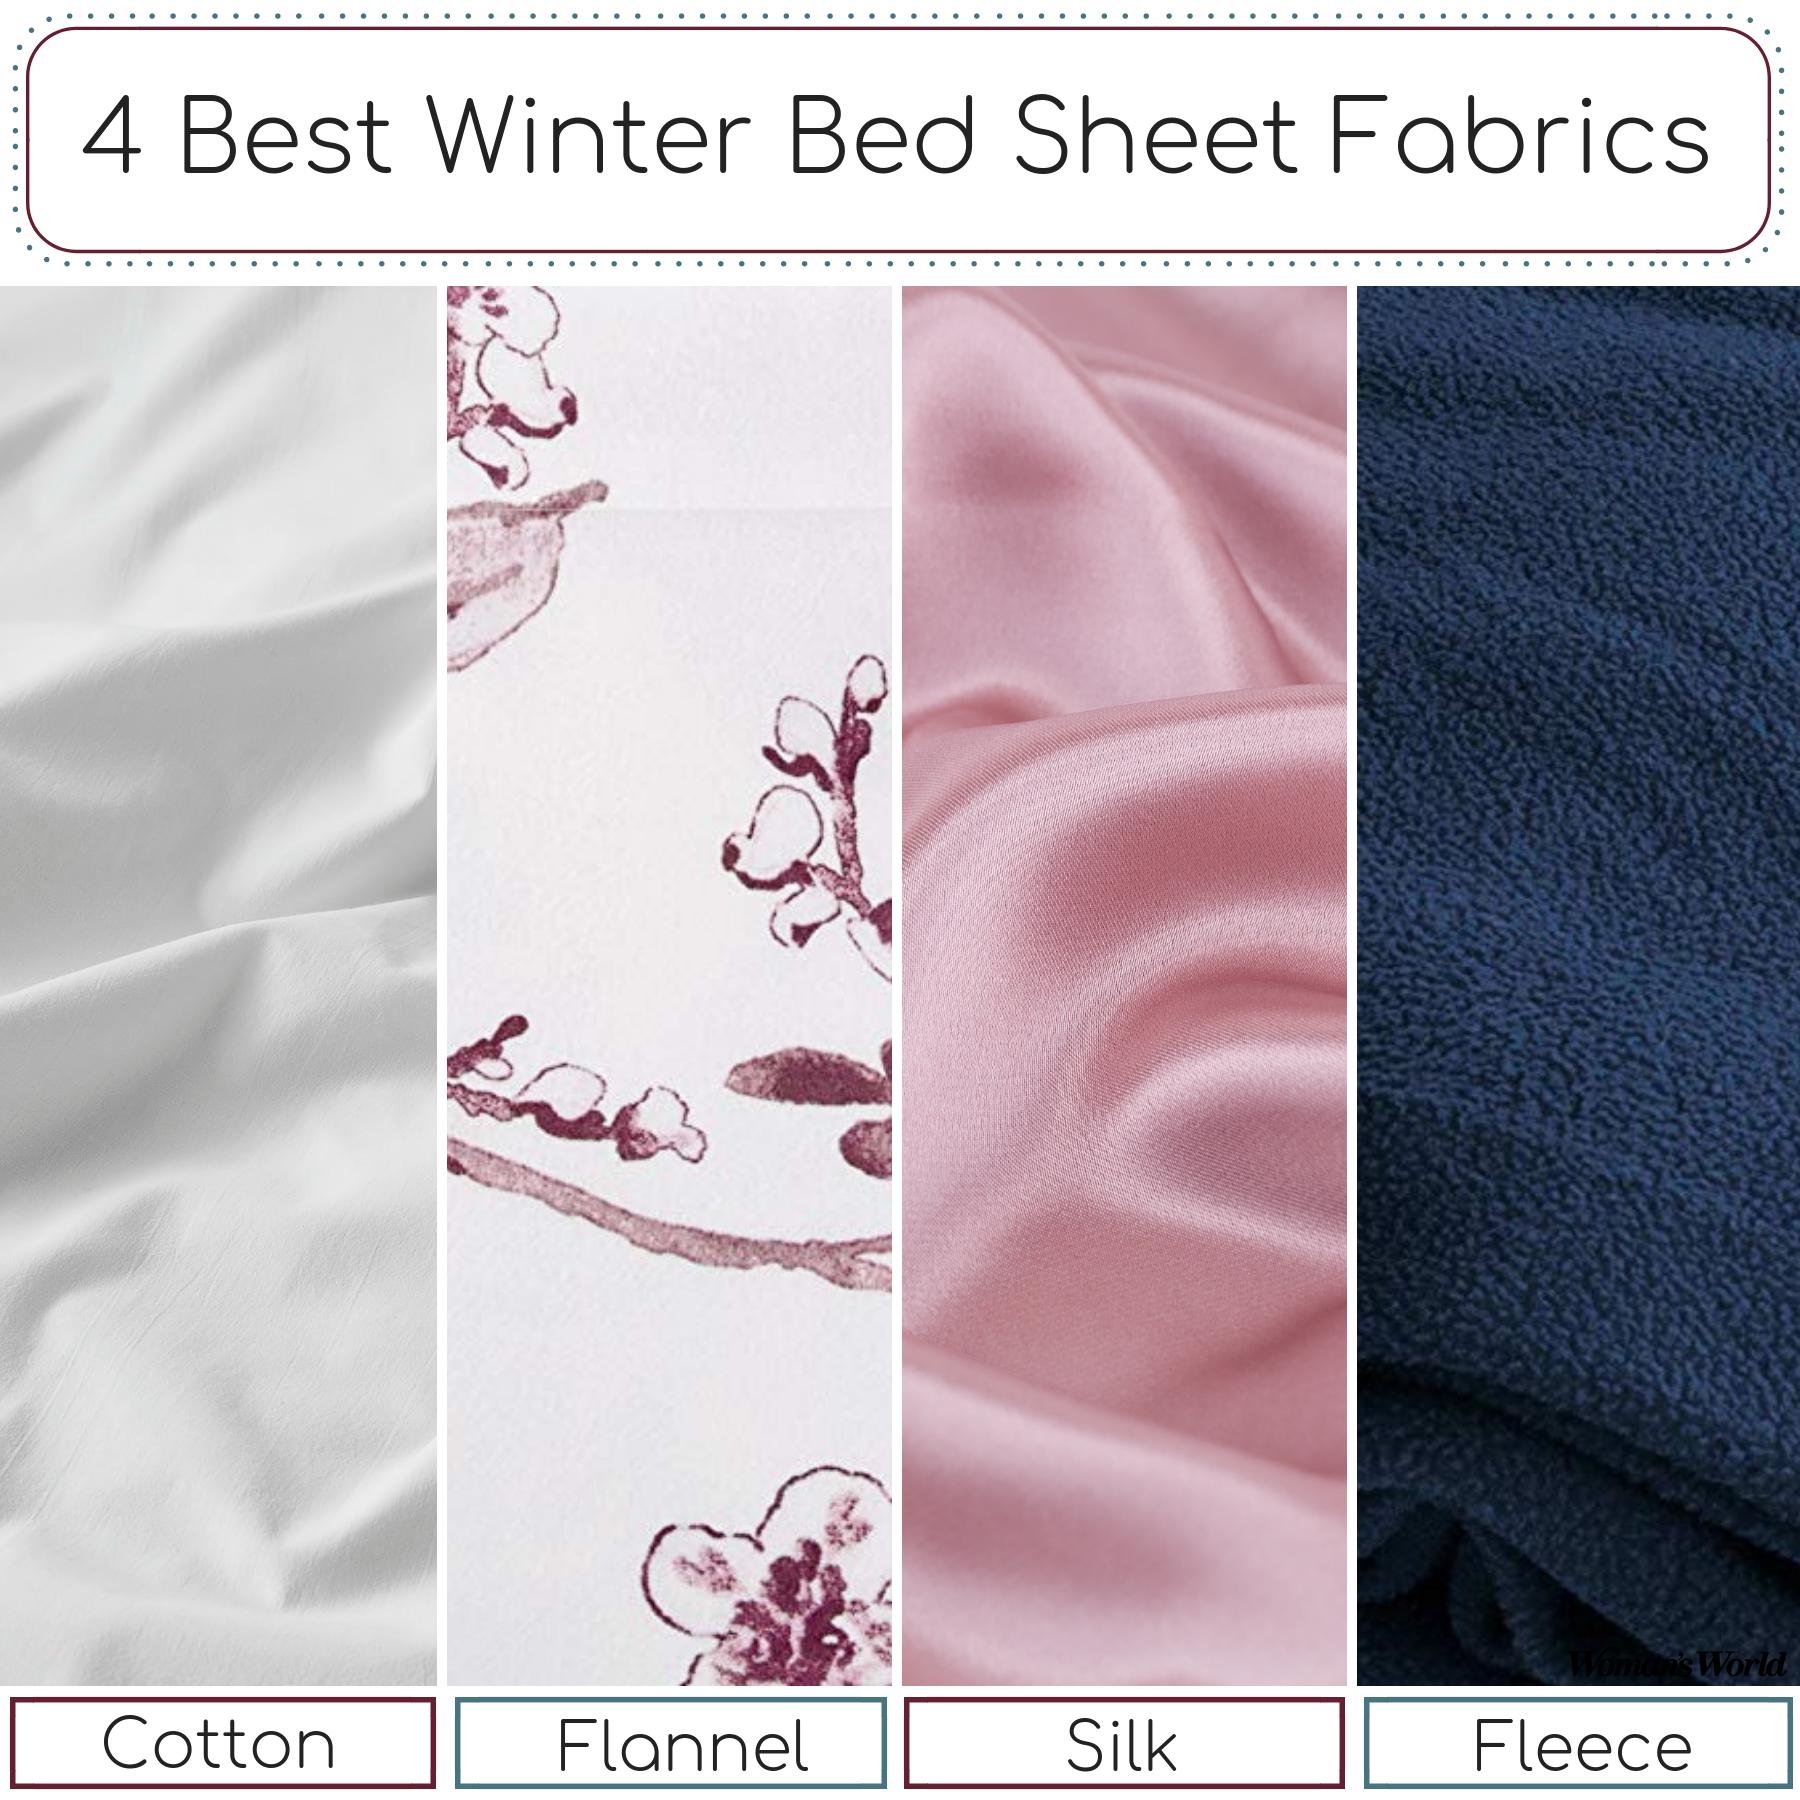 Best Winter Bed Sheet Fabrics